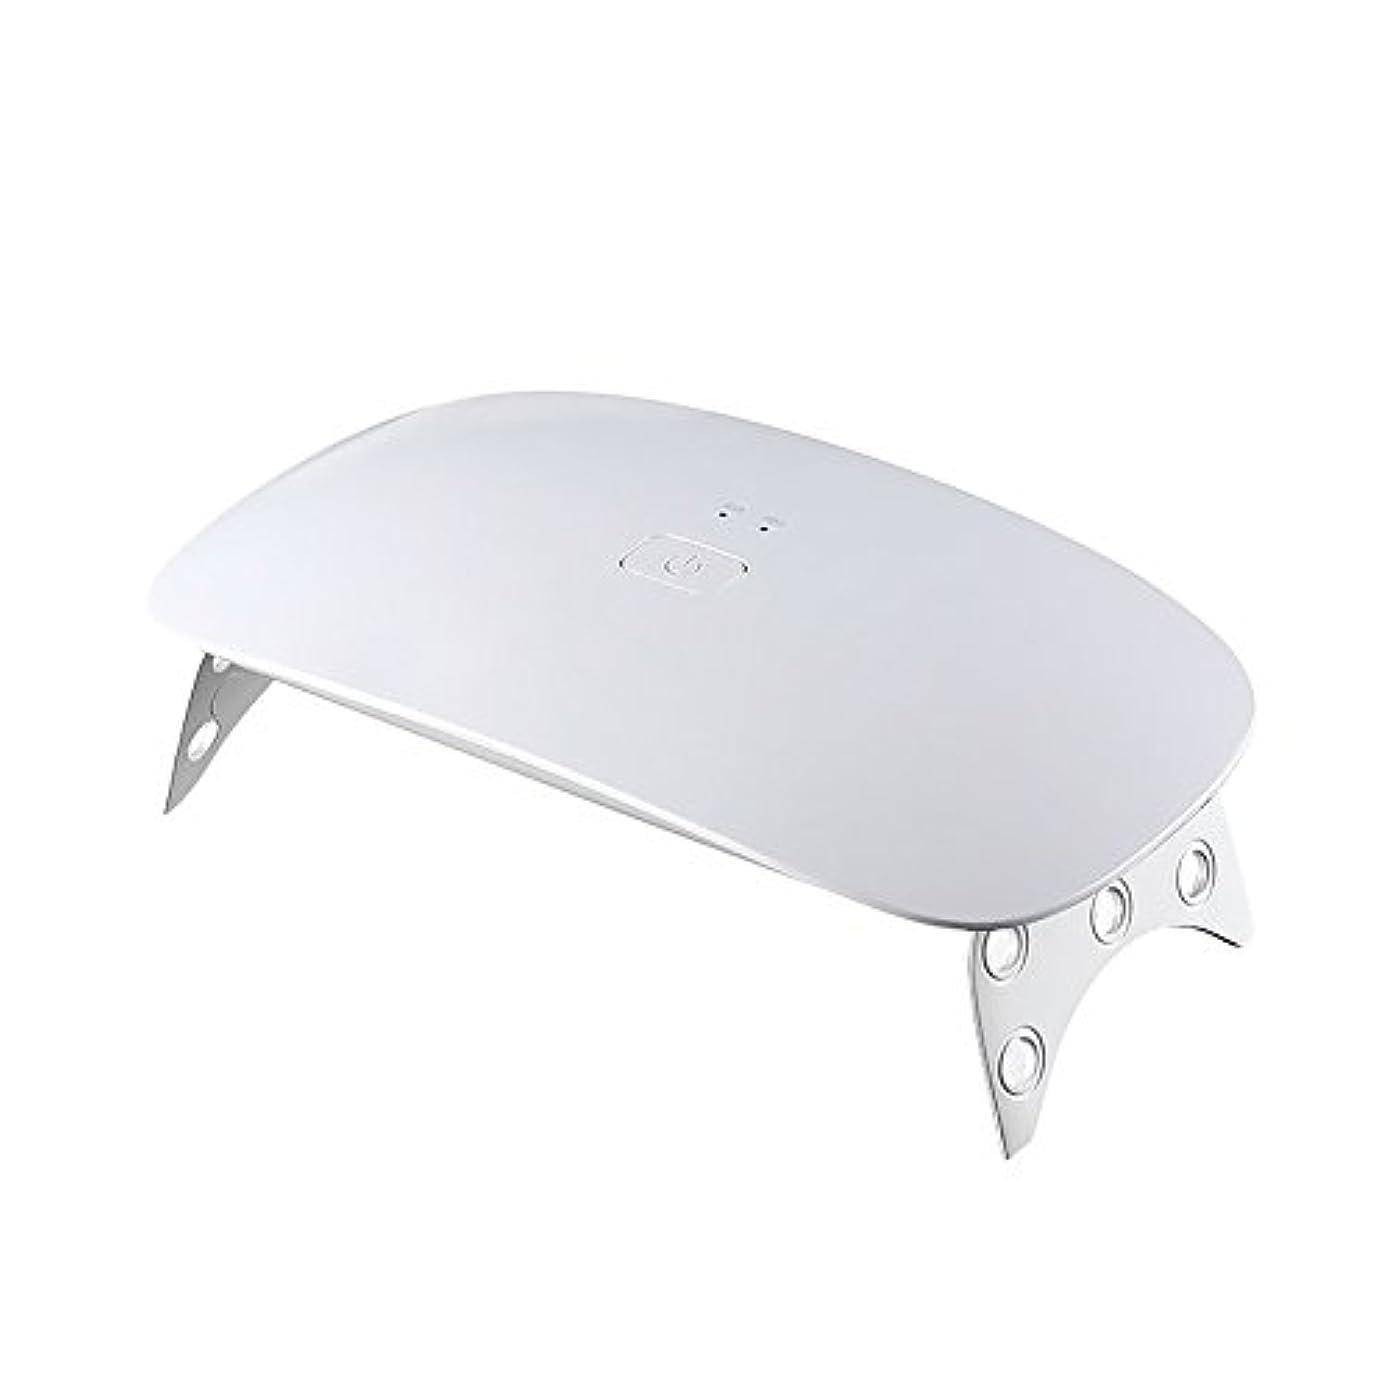 硬さ記者囲まれたOurine ジェルネイルライト LEDネイルドライヤー UVライト ネイルライト 手足両用 速乾 タイマー設定可能 時間設定 180度照射 折りたたみ 携帯便利